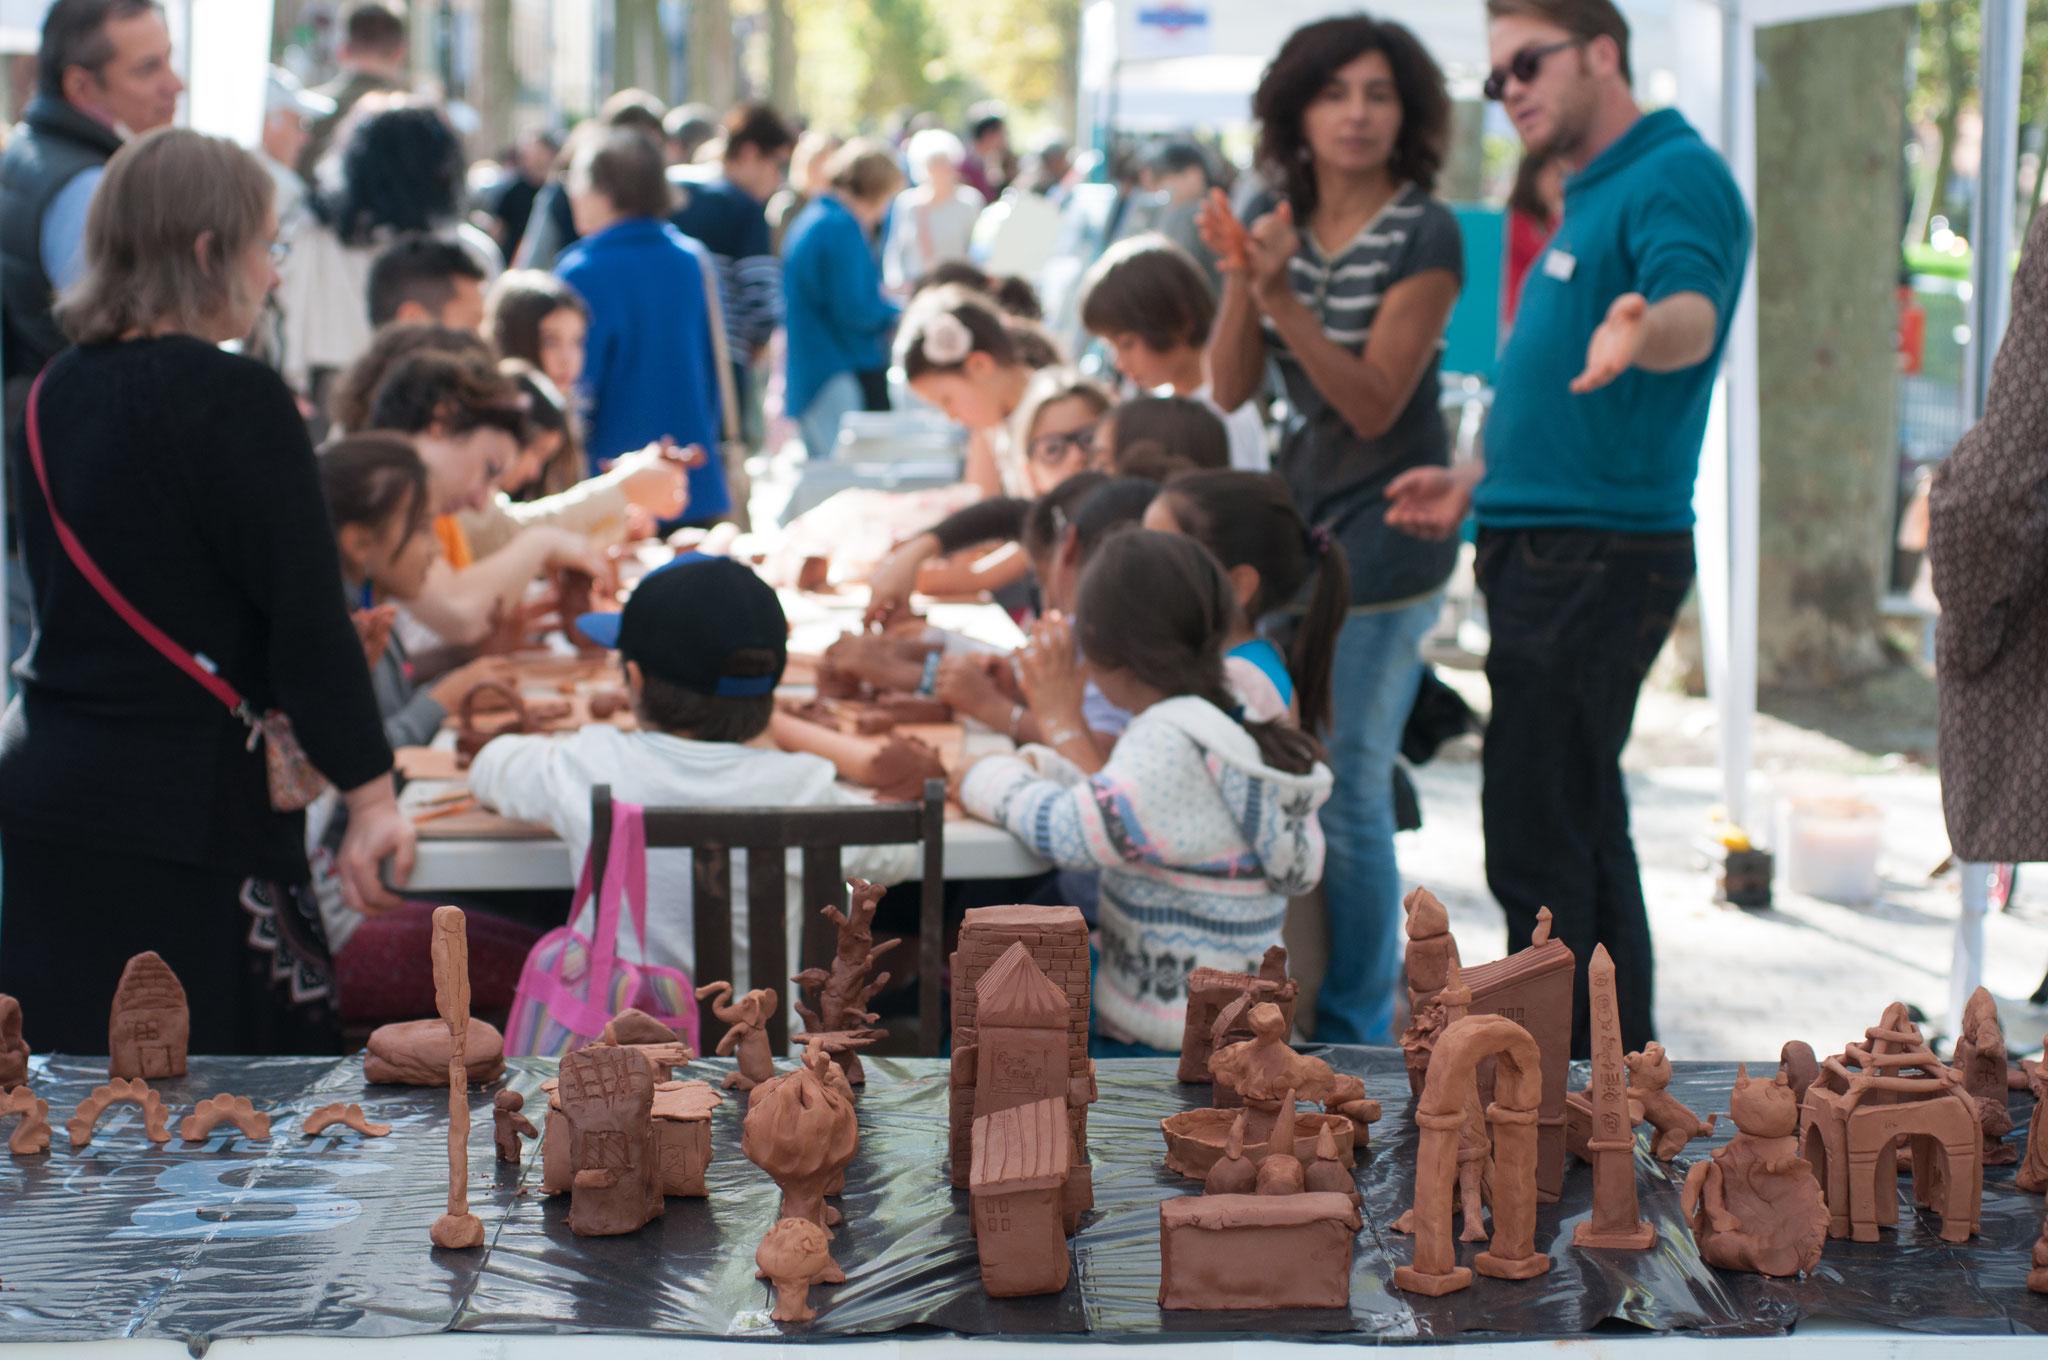 image13 29 | Terre et Terres | Marché Toulouse | Les Allées Céramique à Toulouse les 8 et 9 octobre 2016 | Article | Terre et Terres | 1 novembre 2017